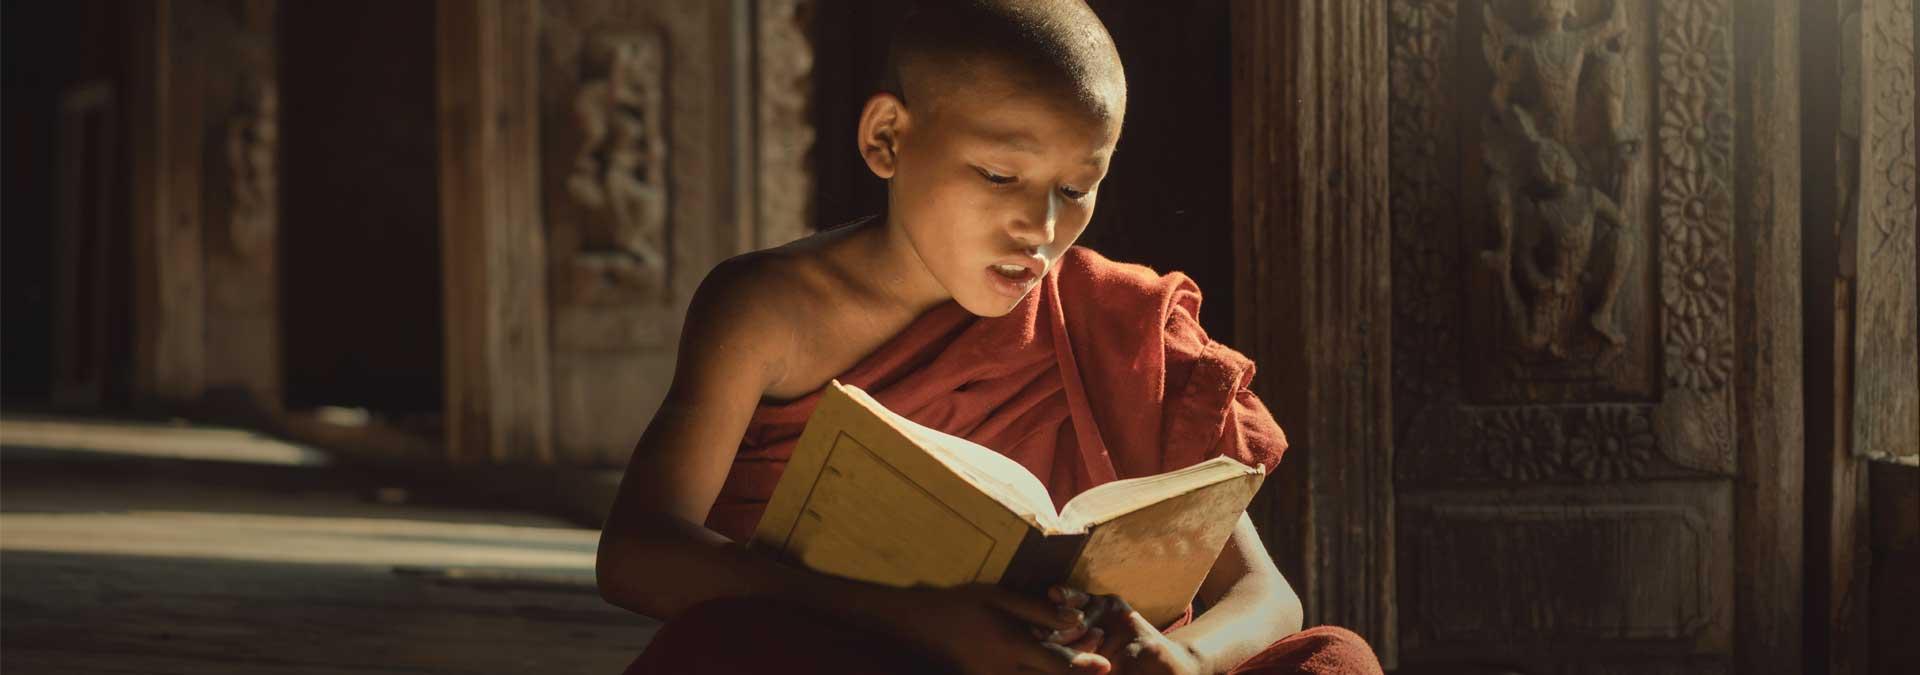 boeddhistische spreuken troost Boeddhistische & Oosterse wijsheden   Hét zingevingsplatform met  boeddhistische spreuken troost